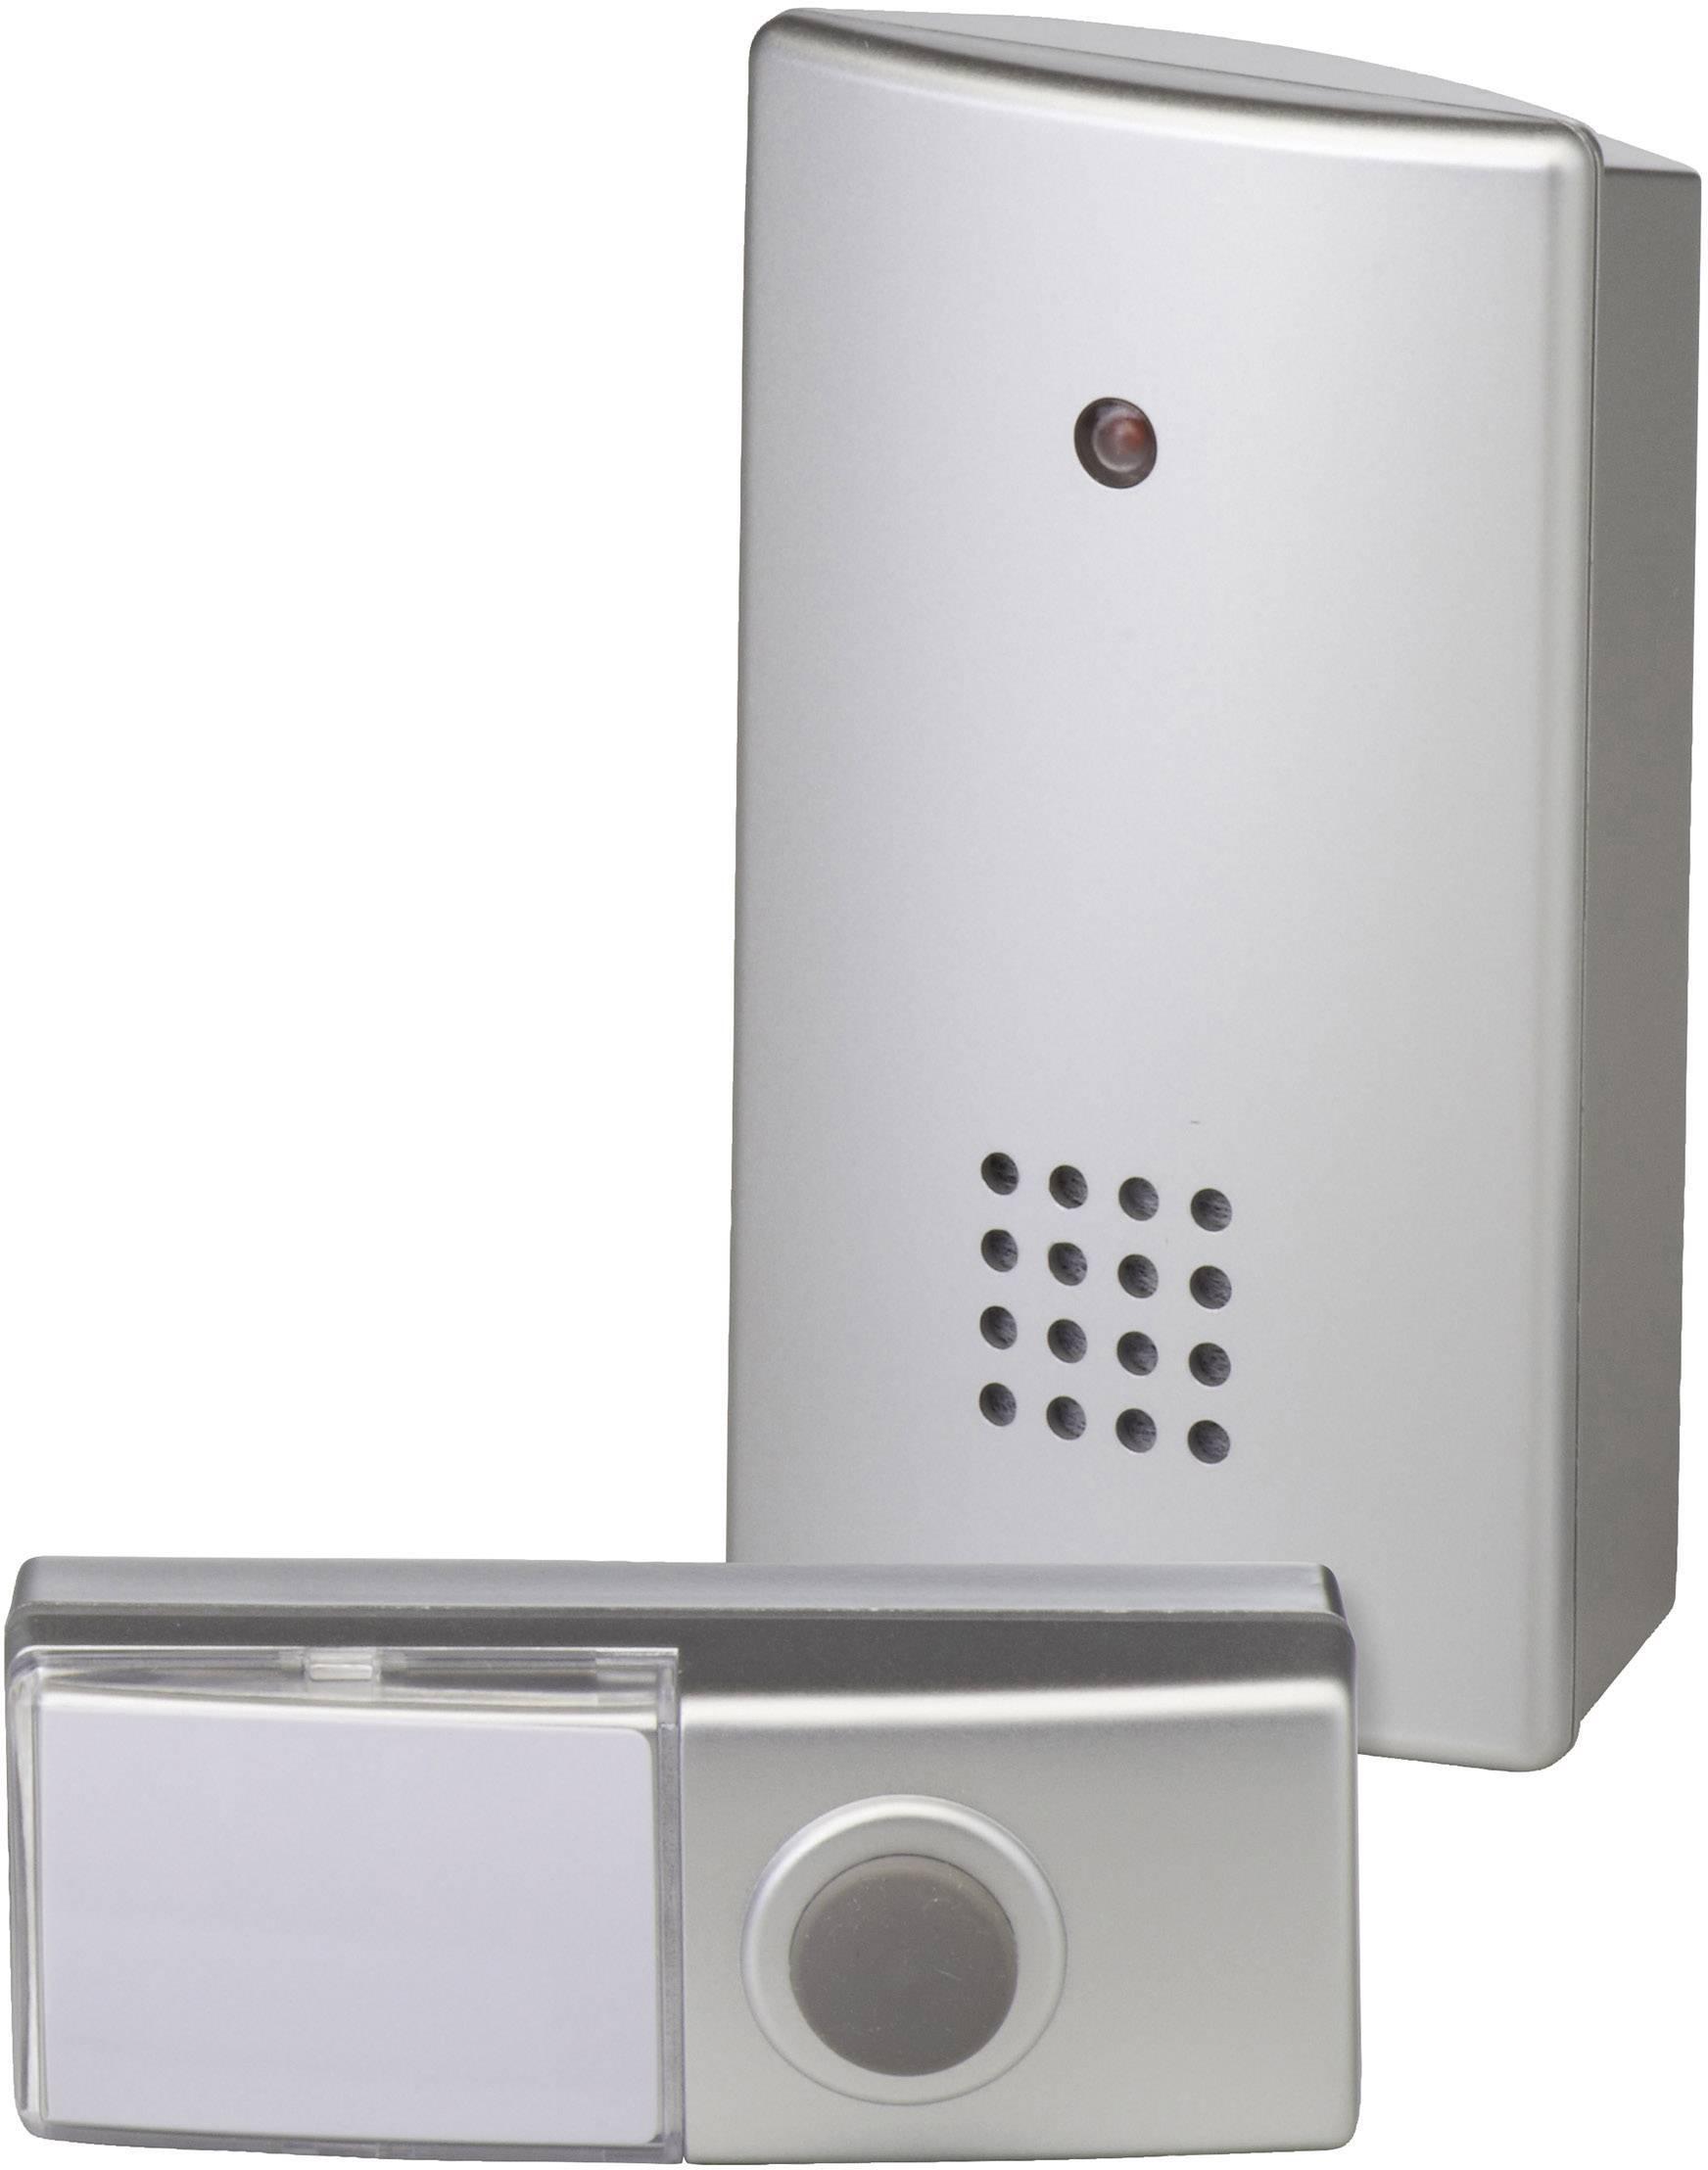 Bezdrôtový zvonček Heidemann HX Clip 70803, kompletná sada, max. dosah 100 m, strieborná